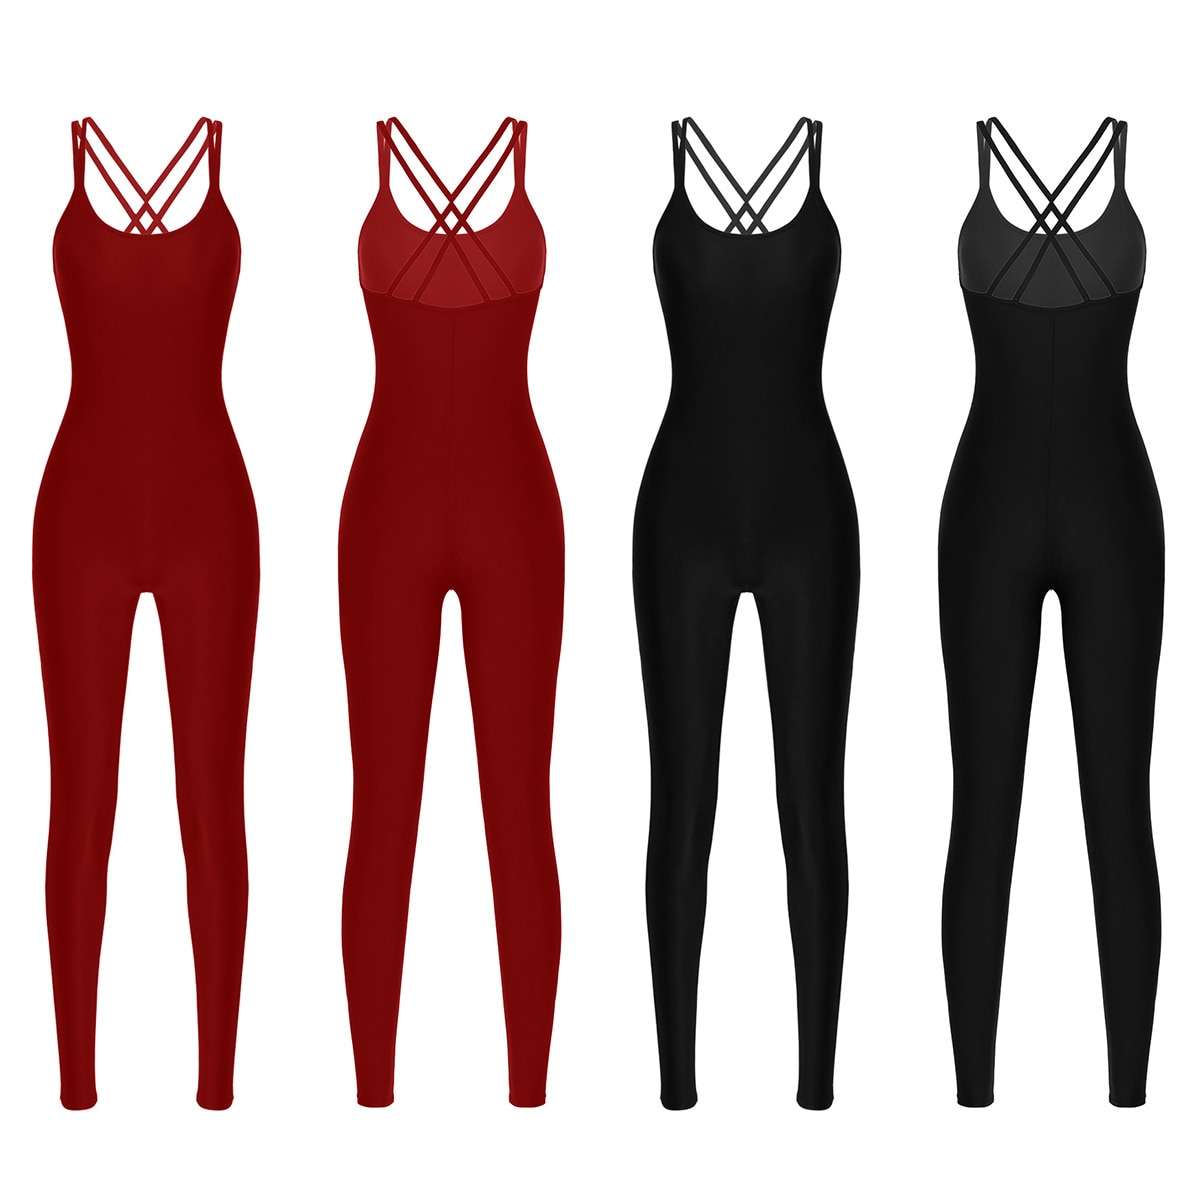 women-adult-high-quality-dance-catsuit-adult-ballet-bodysuit-lycra-spandex-unitard-women's-tank-yoga-clothes-leotard-jumpsuit